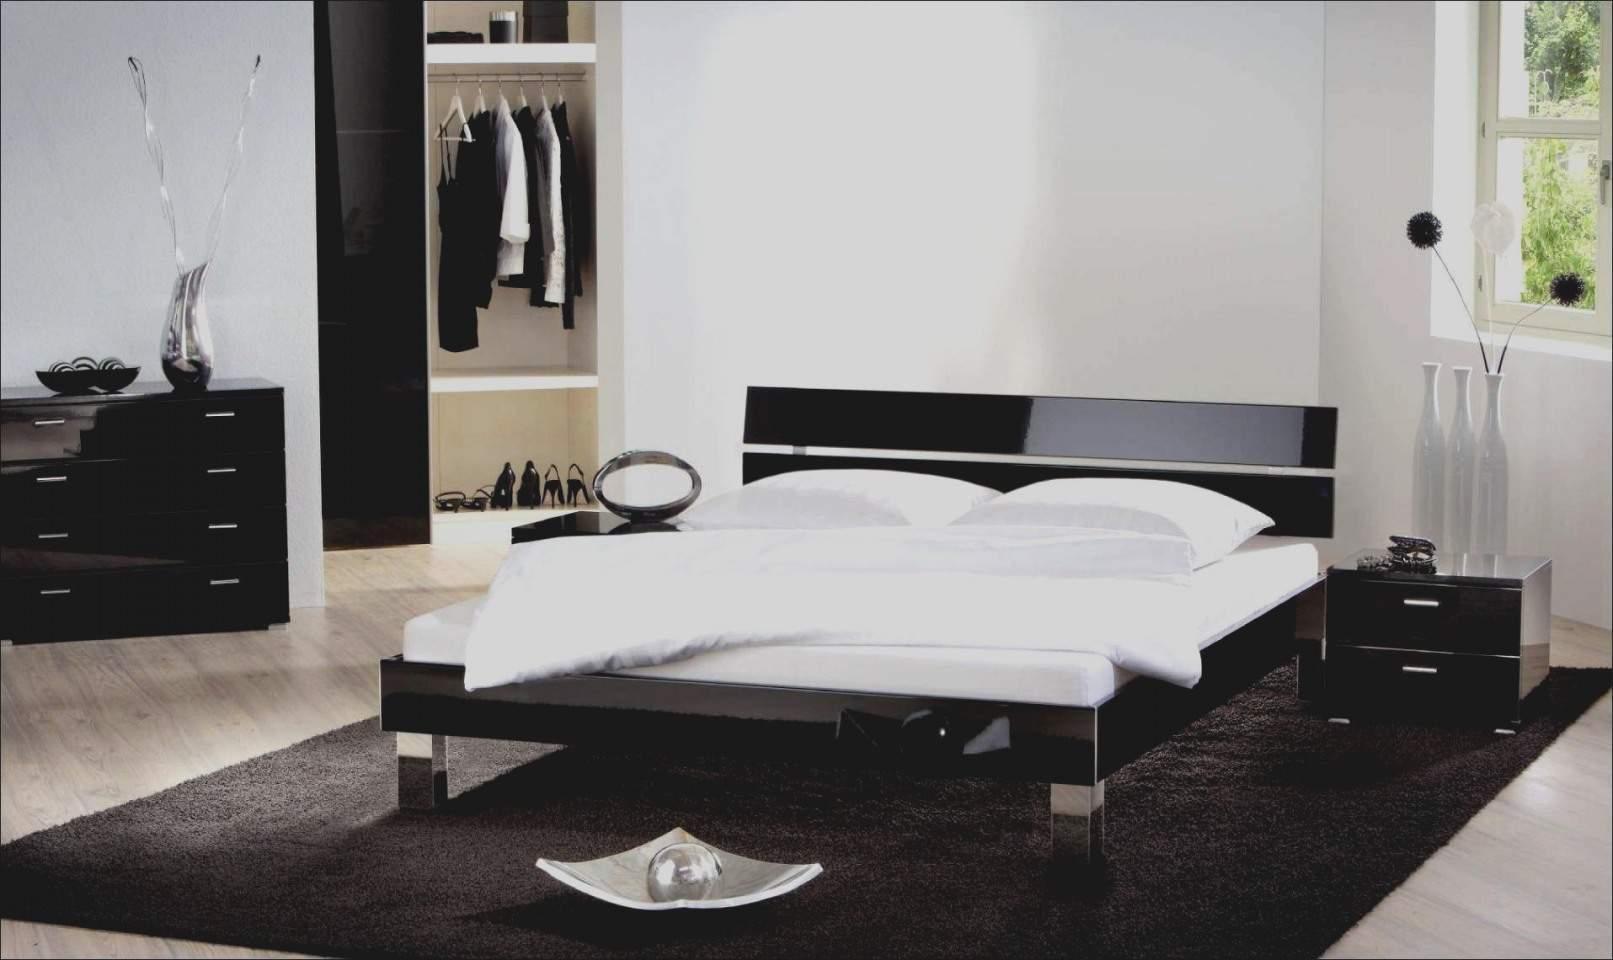 wohnzimmer schoner wohnen reizend schoner wohnen wohnzimmer luxus schoner wohnen farbrausch of wohnzimmer schoner wohnen